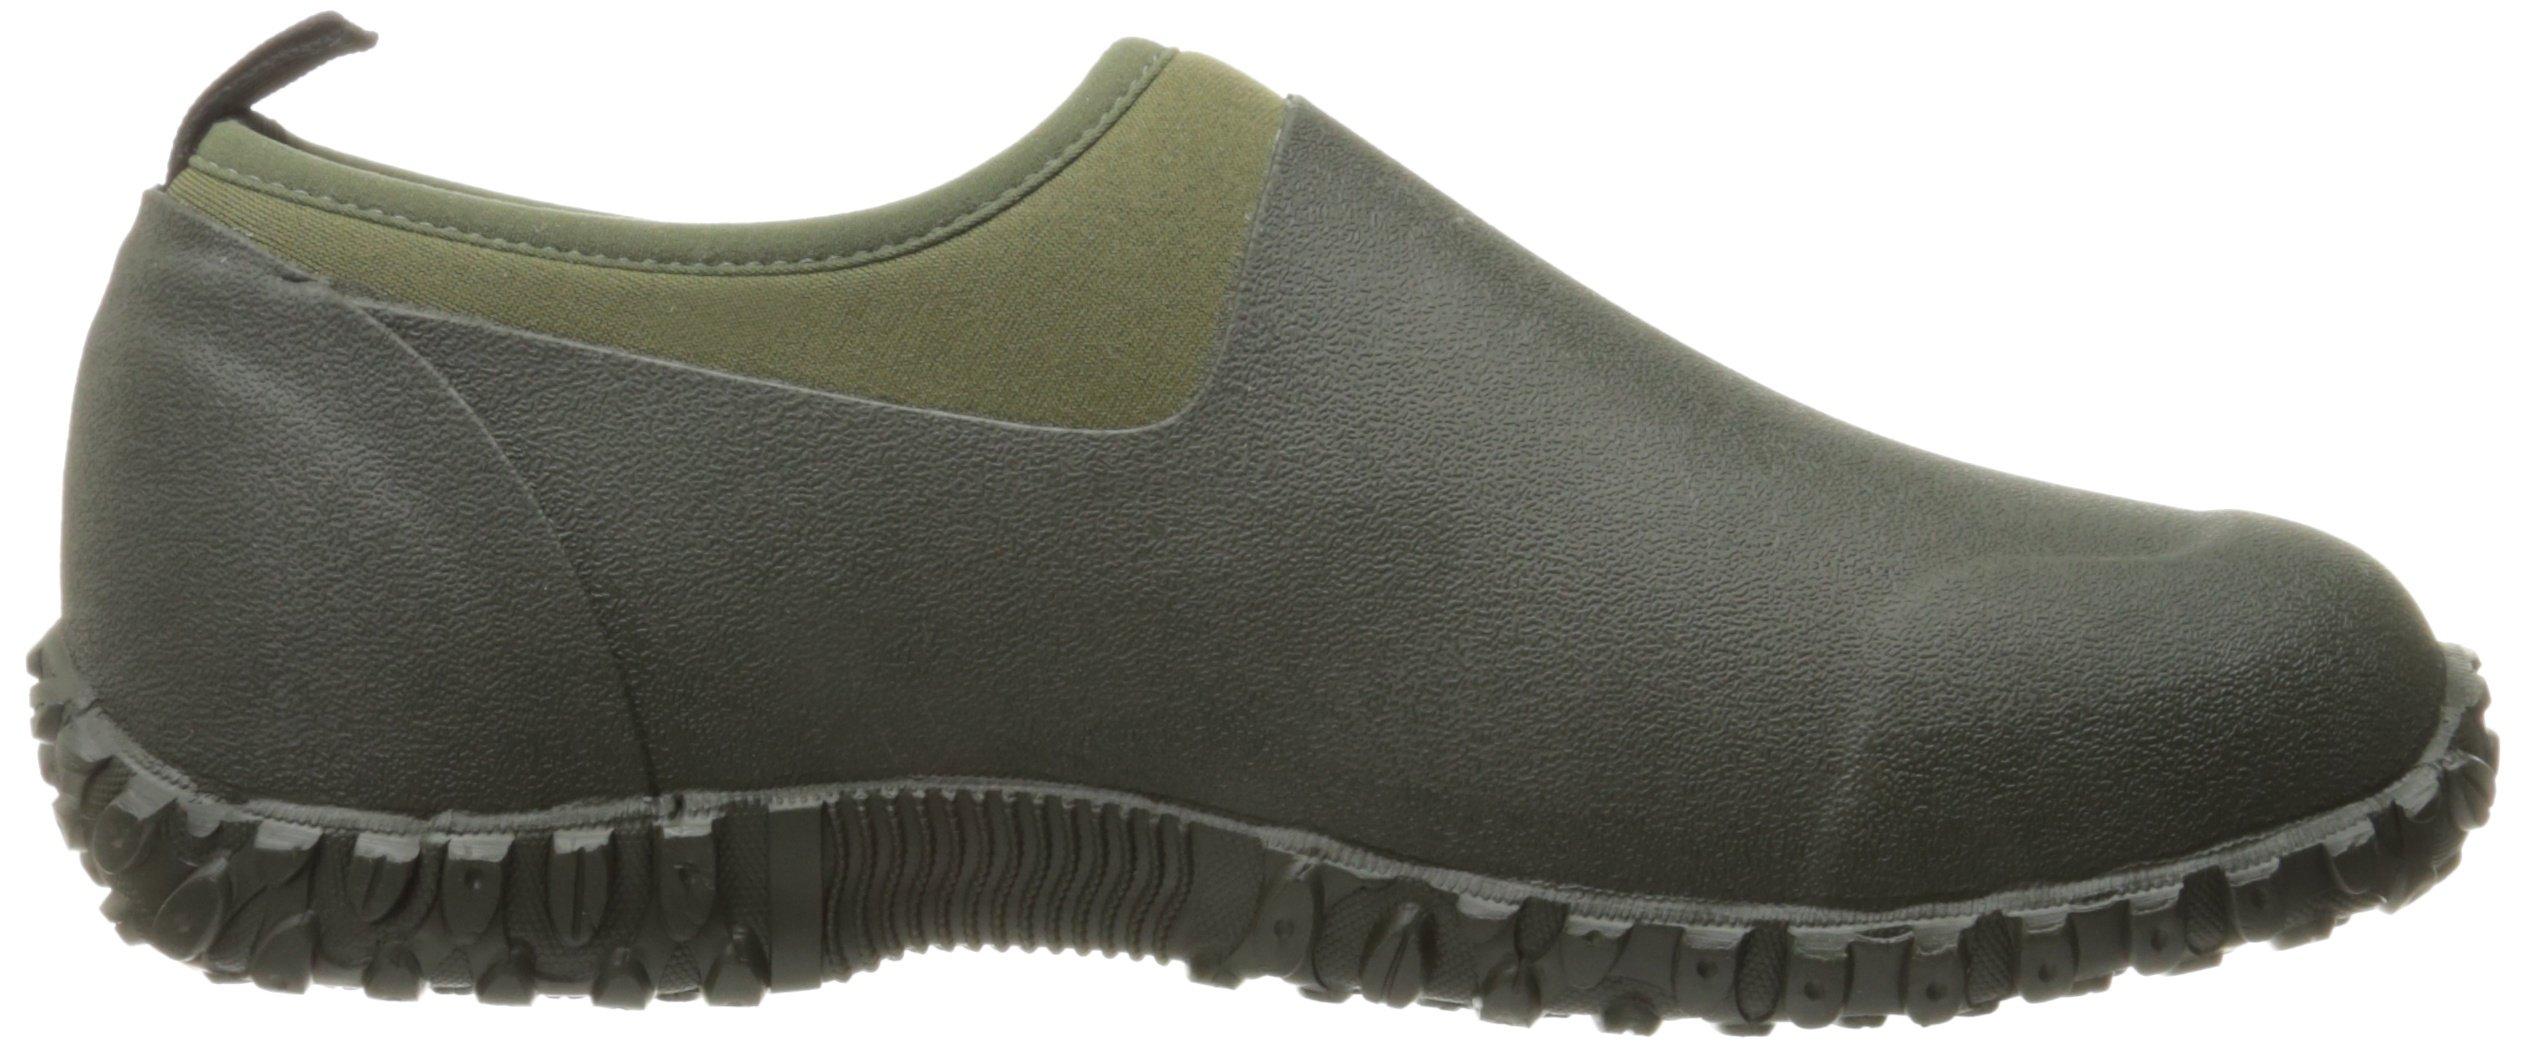 Muckster ll Men's Rubber Garden Shoes,Moss/Green,7 US/7-7.5 M US by Muck Boot (Image #8)